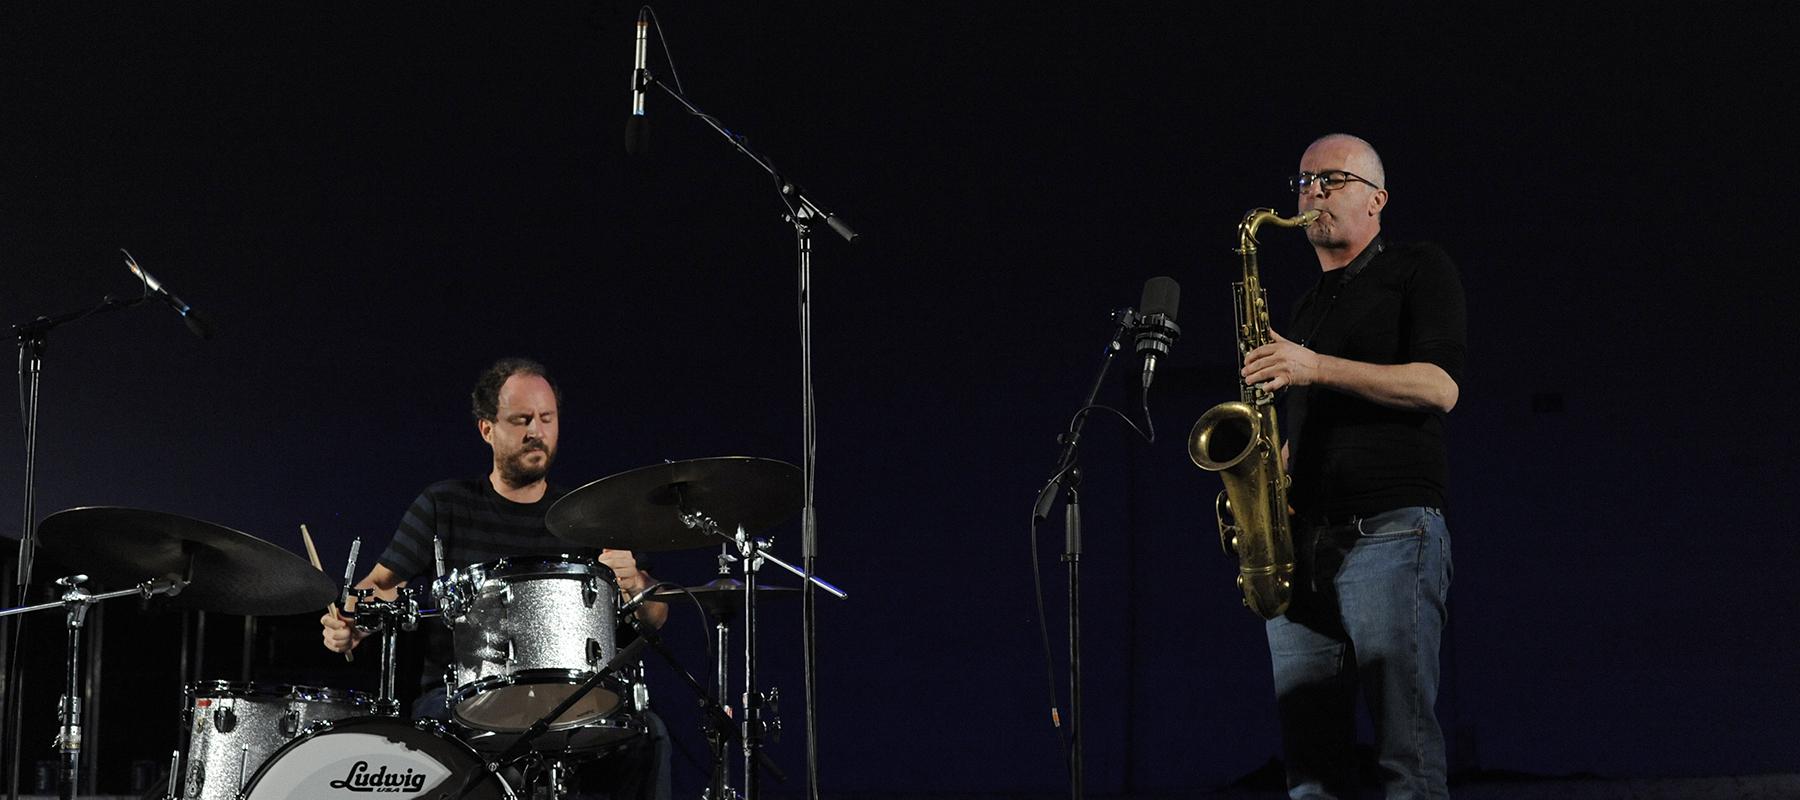 Sbatax : Antonin Gerbal et Bertrand Denzler au festival Météo 2020